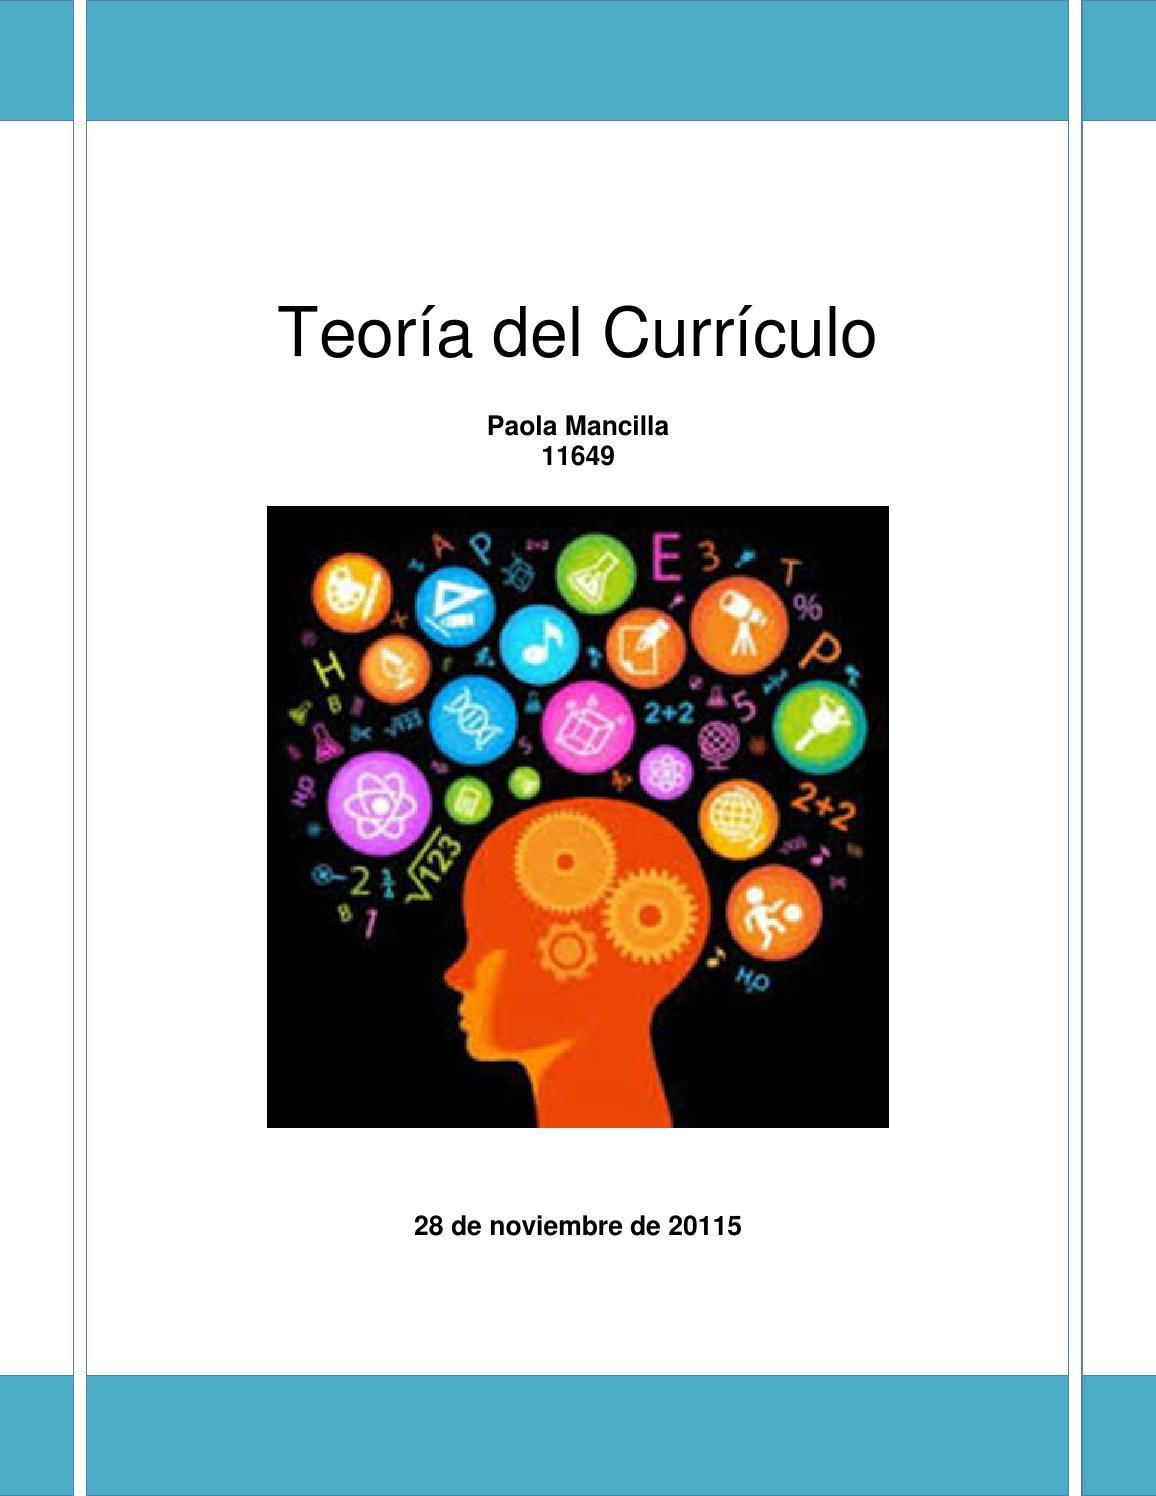 Libro teoría del currículo by Paolamc24 - issuu